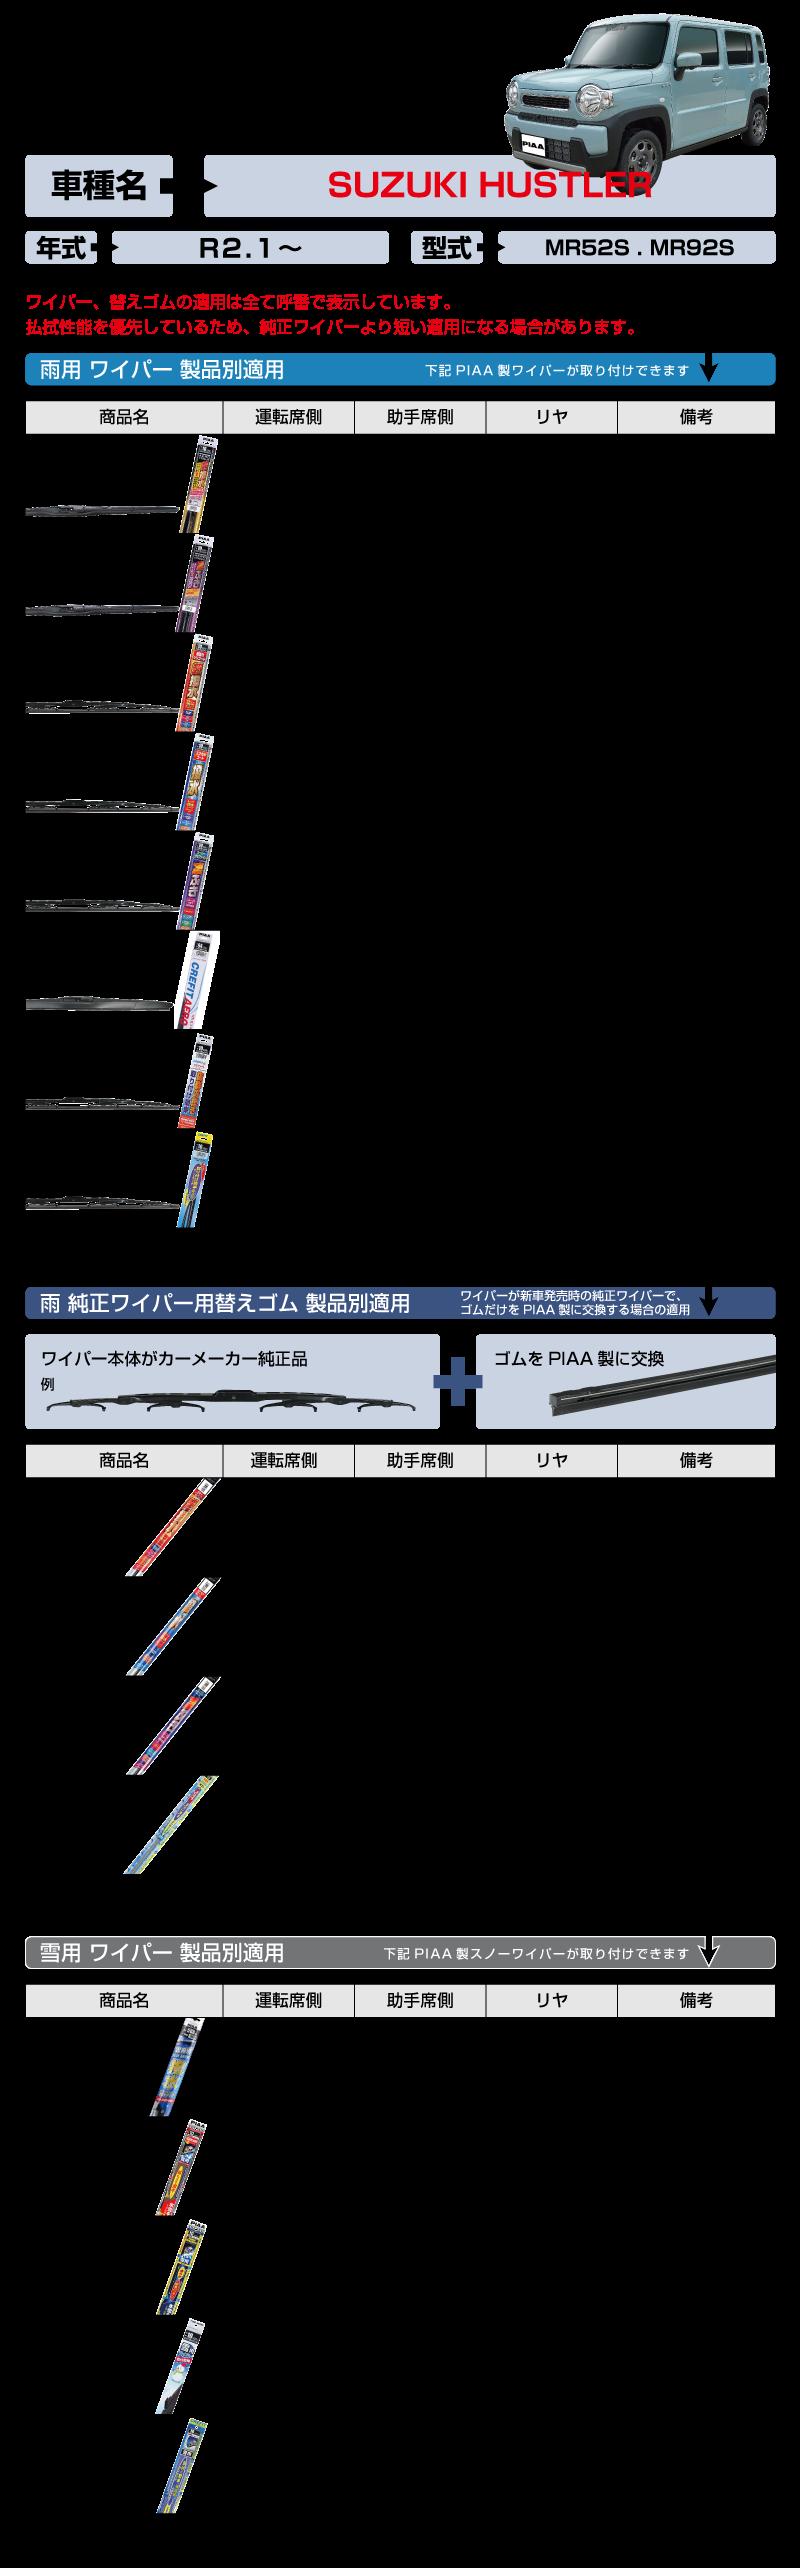 TEKIYOU_SUZUKI_HUSTLER_R2.1